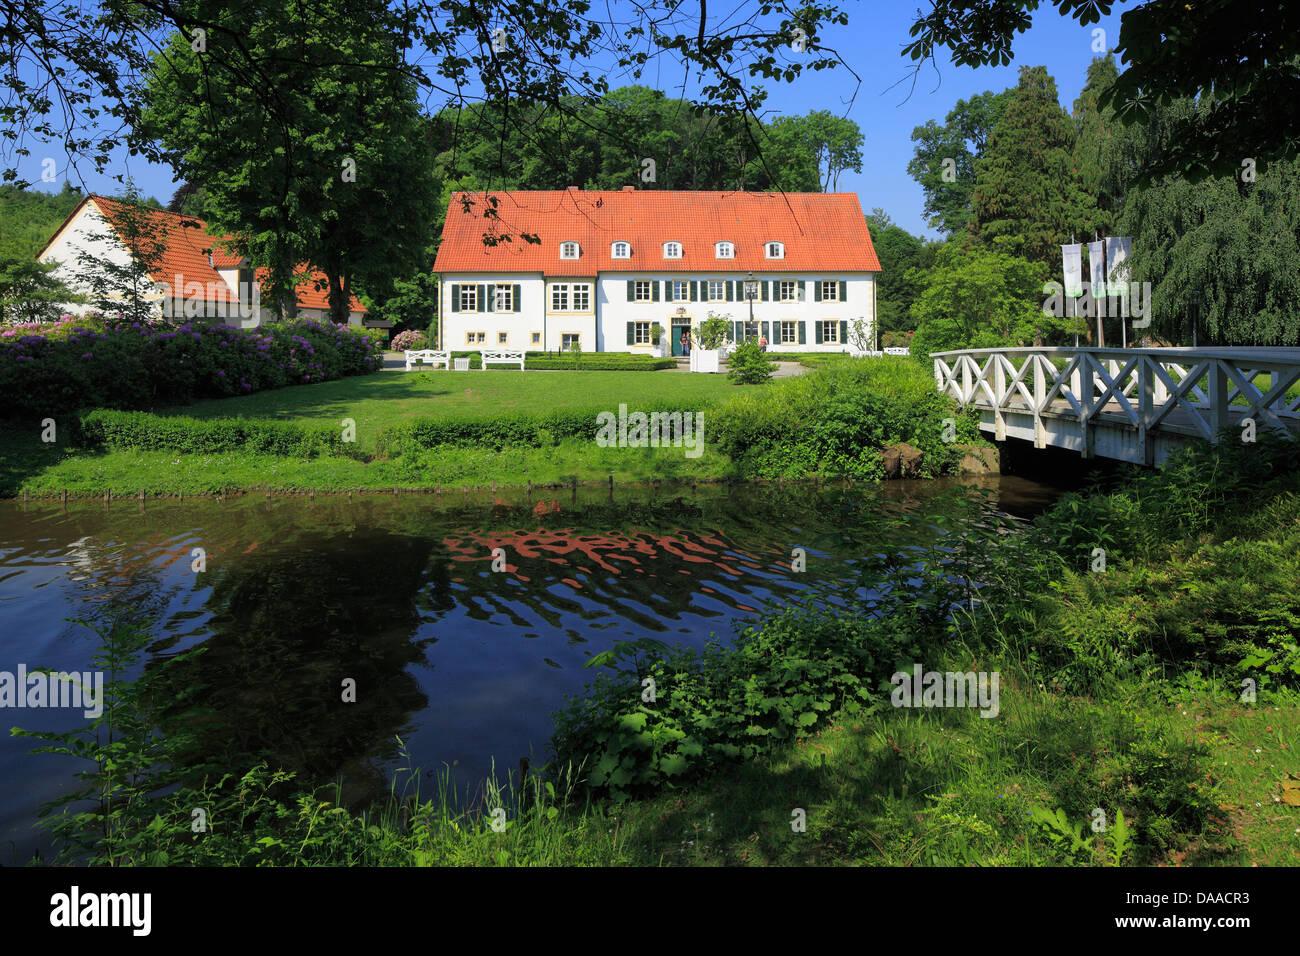 Ehemaliges Herrenhaus Rittergut Hudenbeck Heute Haus Des Gastes Im